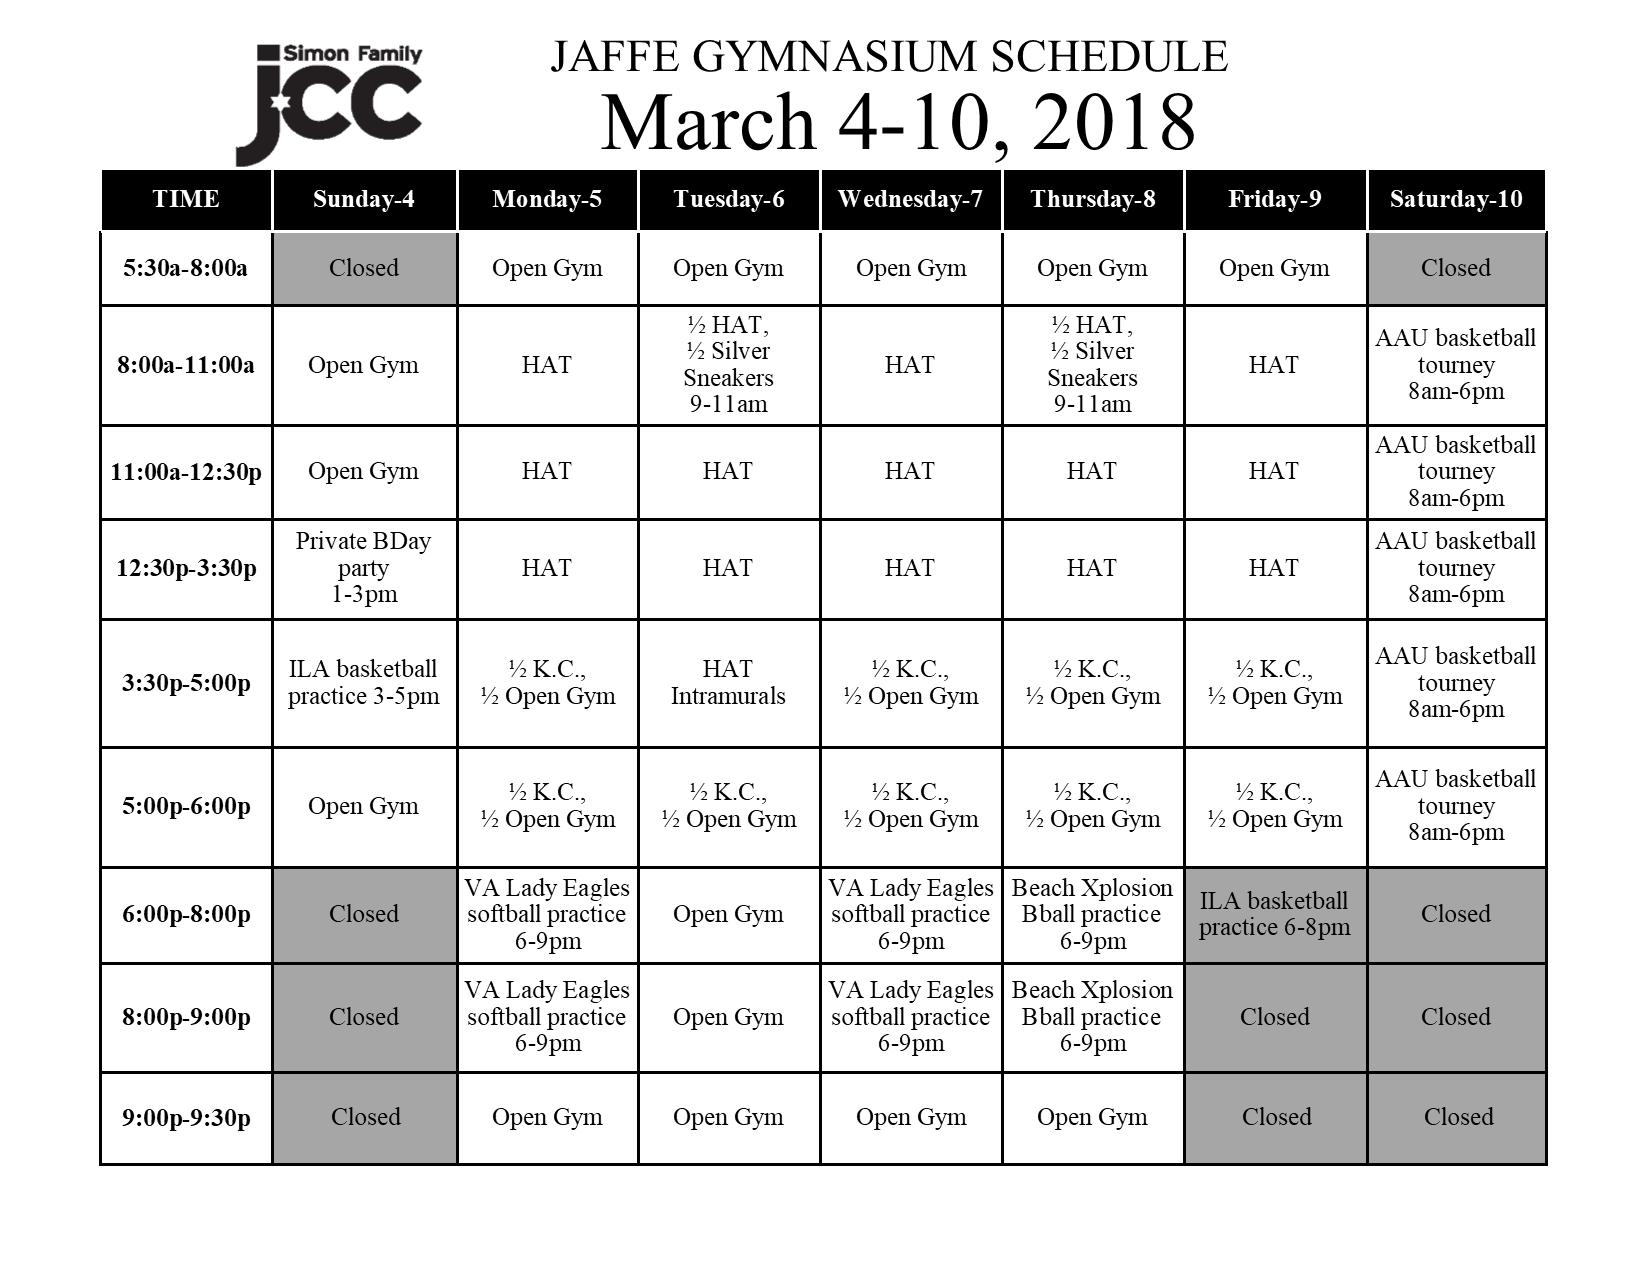 March 4-10 2018 Jaffe Gym Schedule